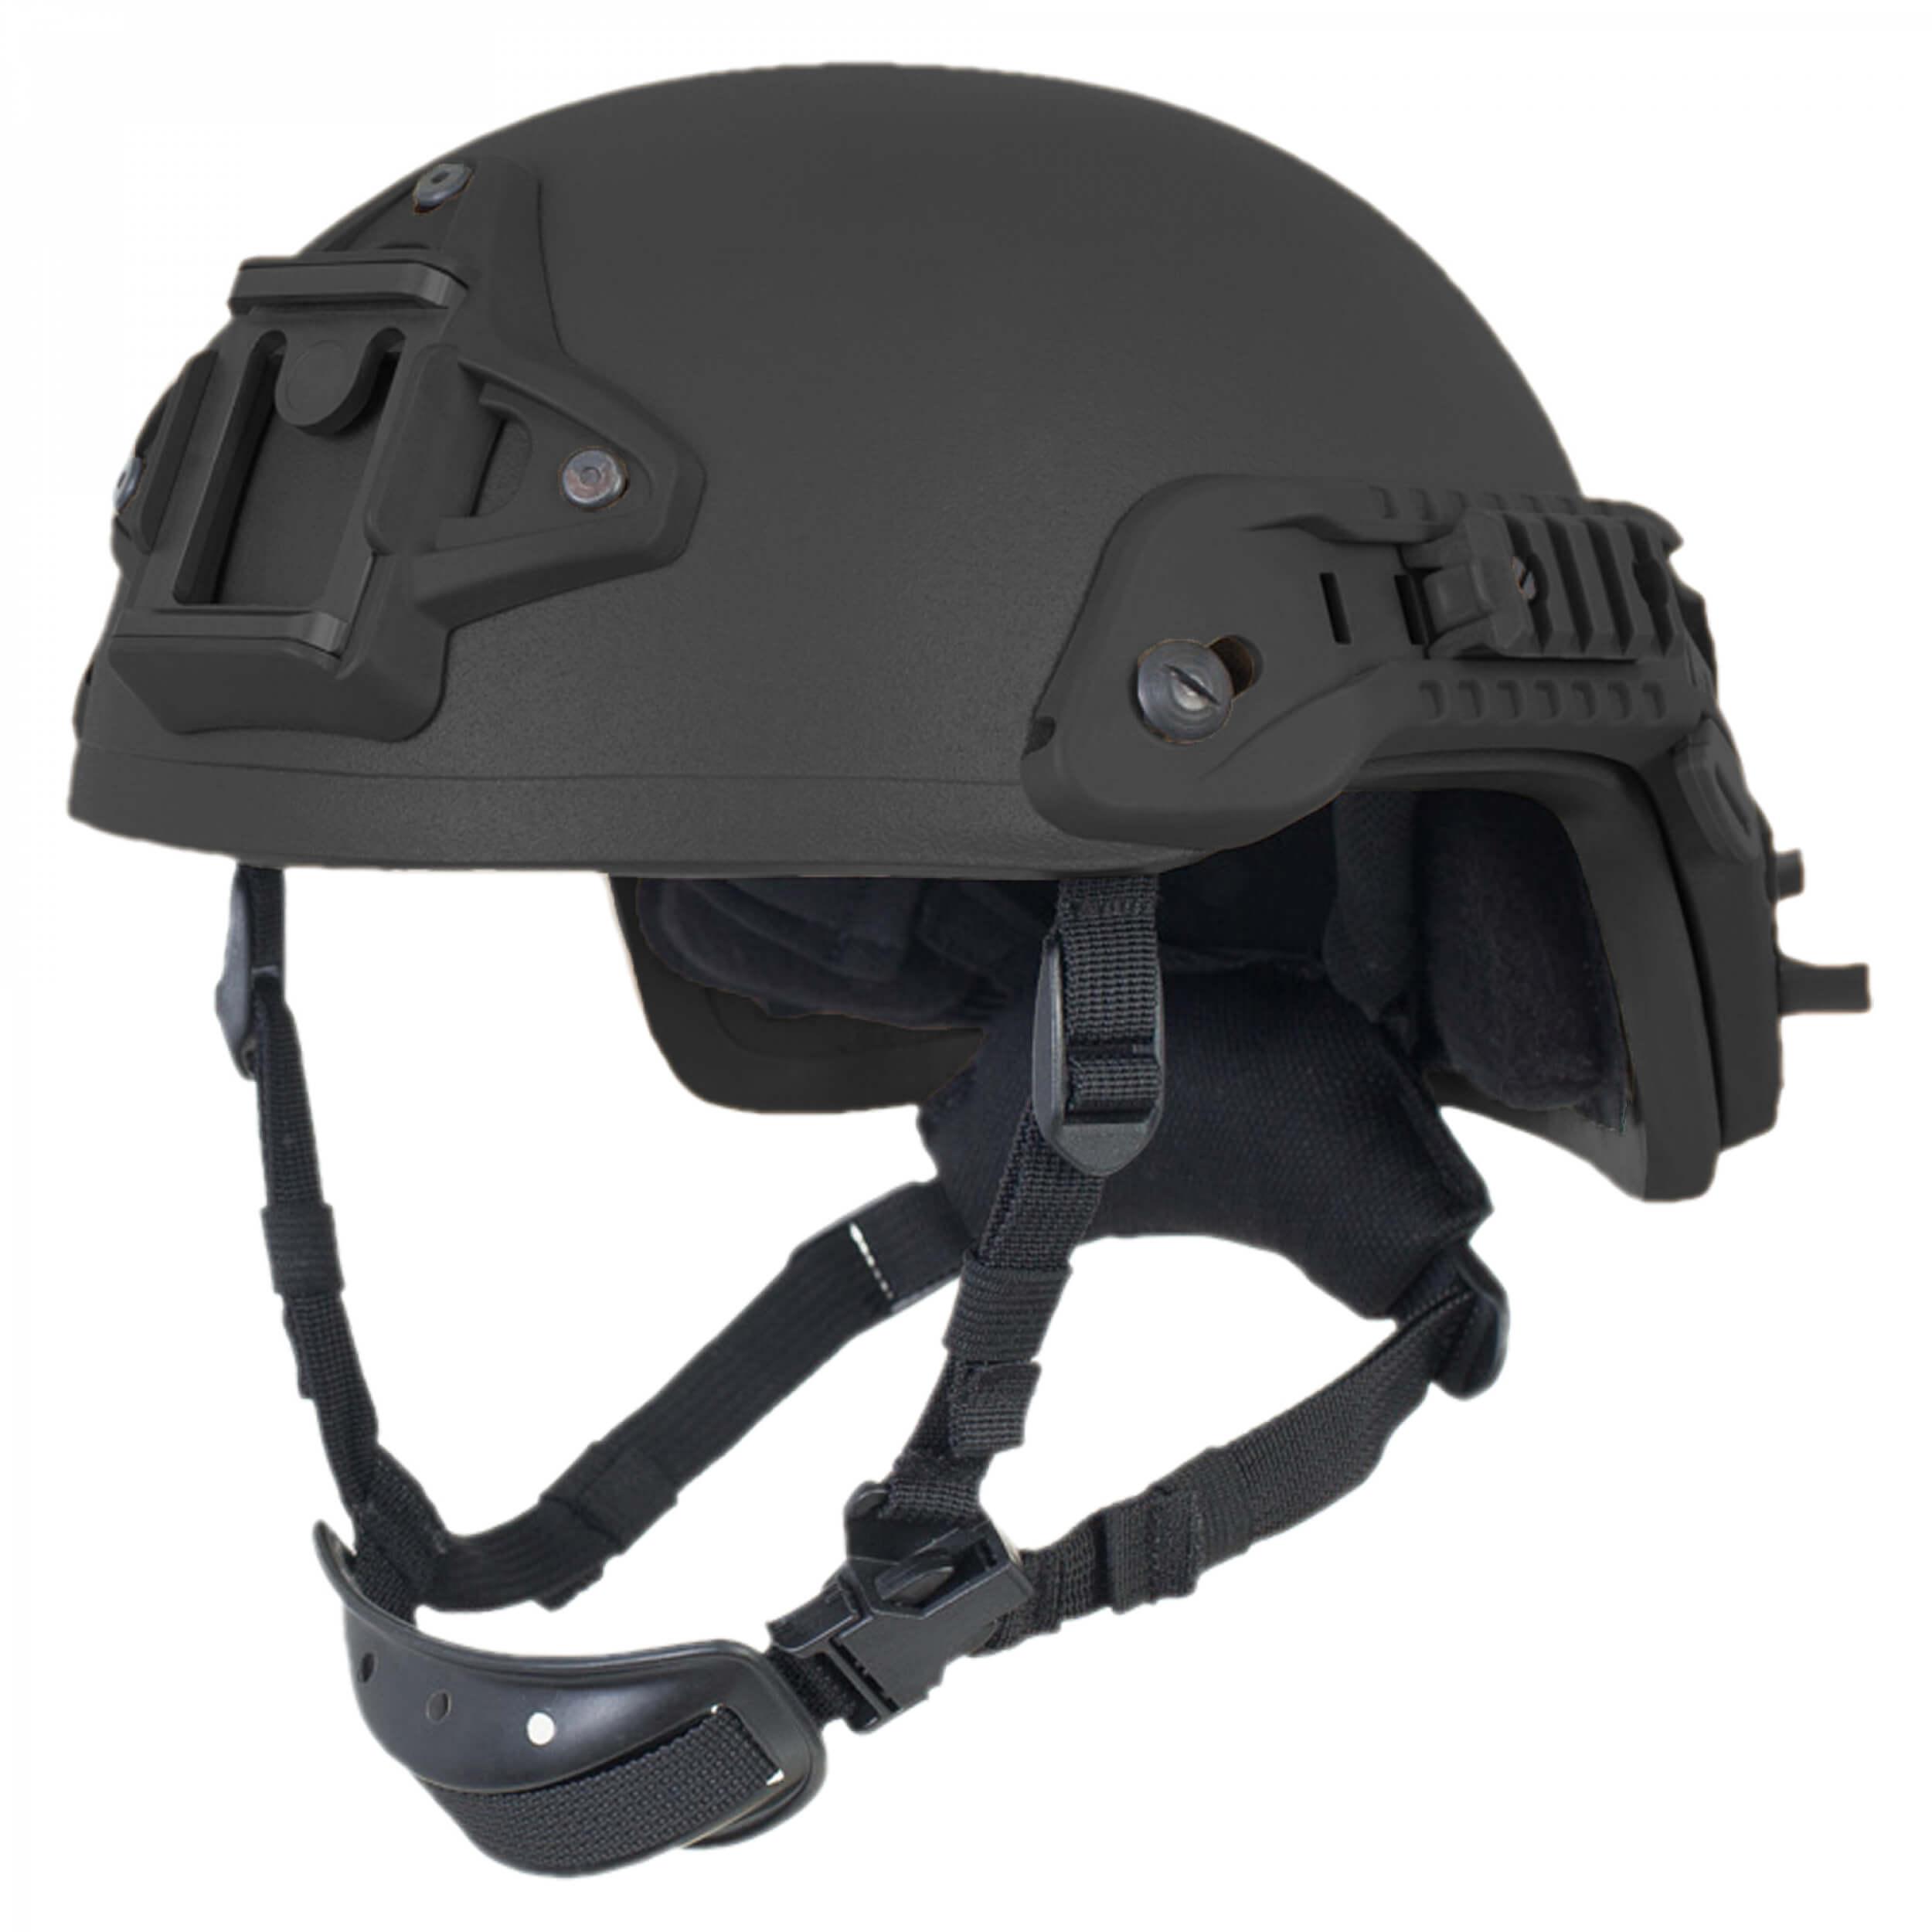 HCS Viper 3 SHC Helm mit Rails NVG Mount und Pad-System schwarz